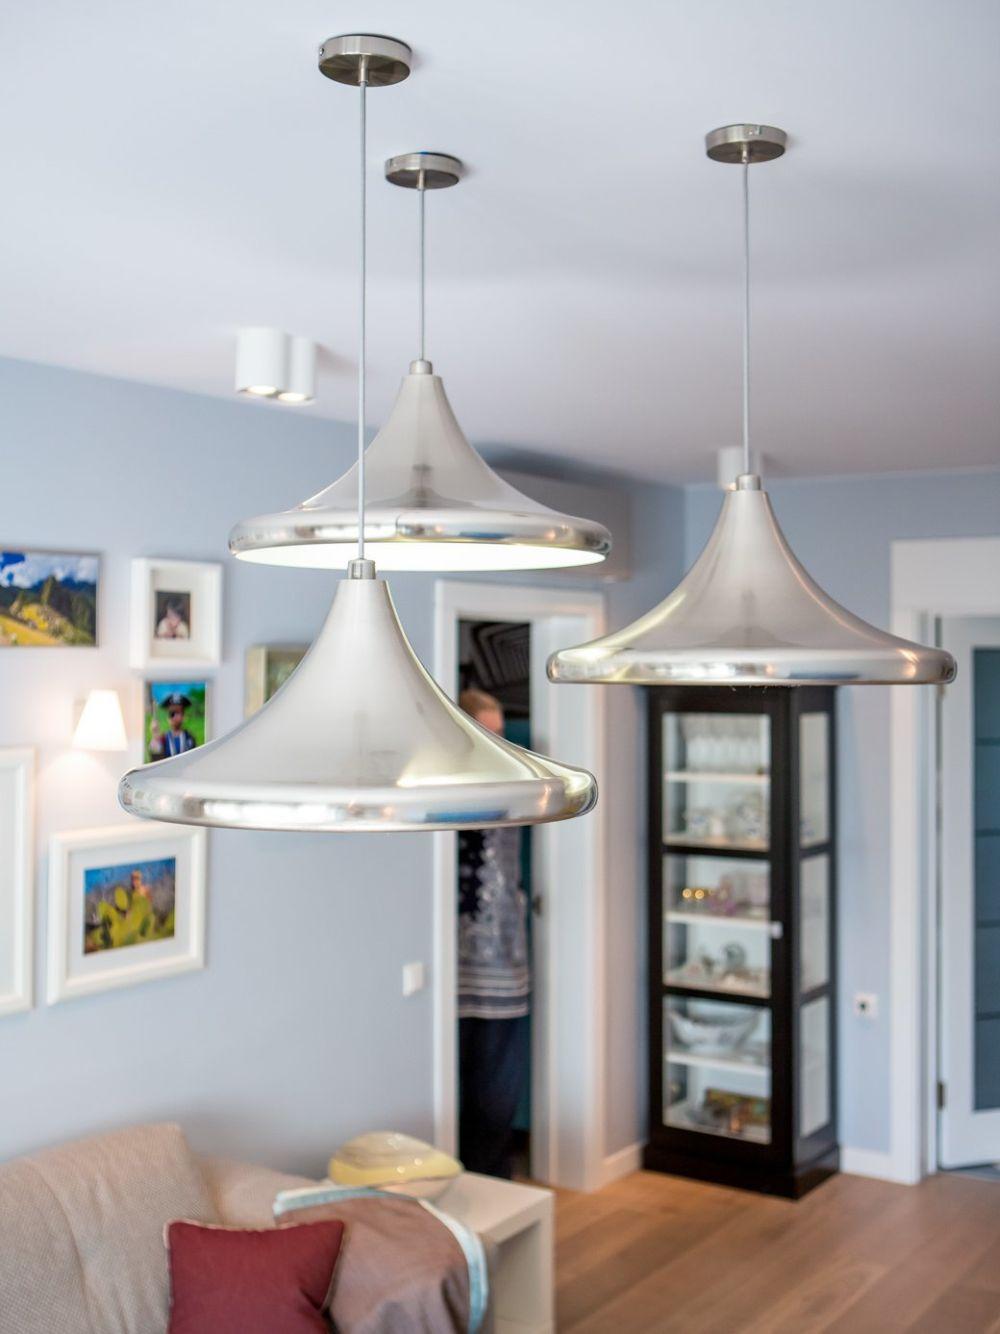 adelaparvu.com despre apartament 104 mp, 4 camere, Moscova, designer Maria Solovieva-Sosnowik, Foto Anna Kiseleva (12)